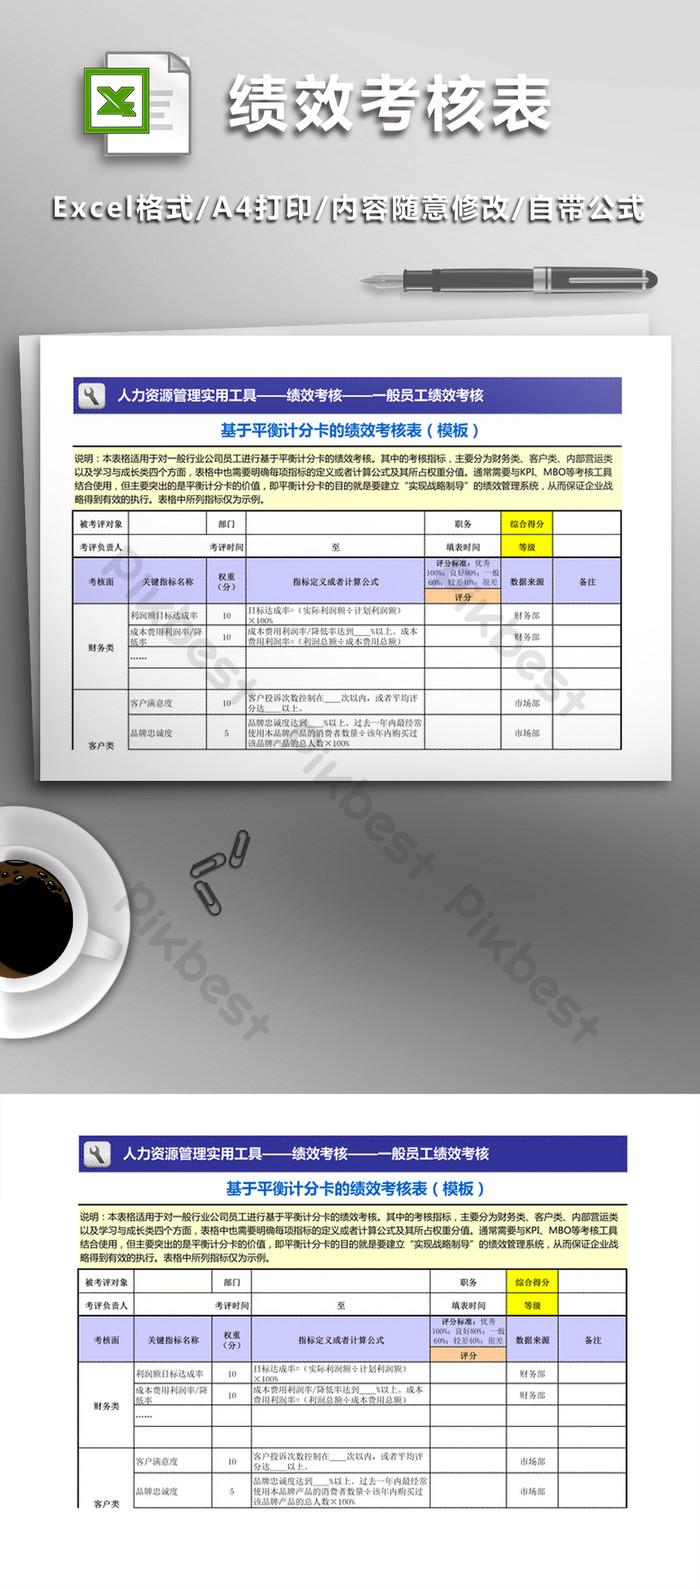 基於平衡計分卡的績效考核表(模板)| XLS Excel模板素材免費下載 - Pikbest